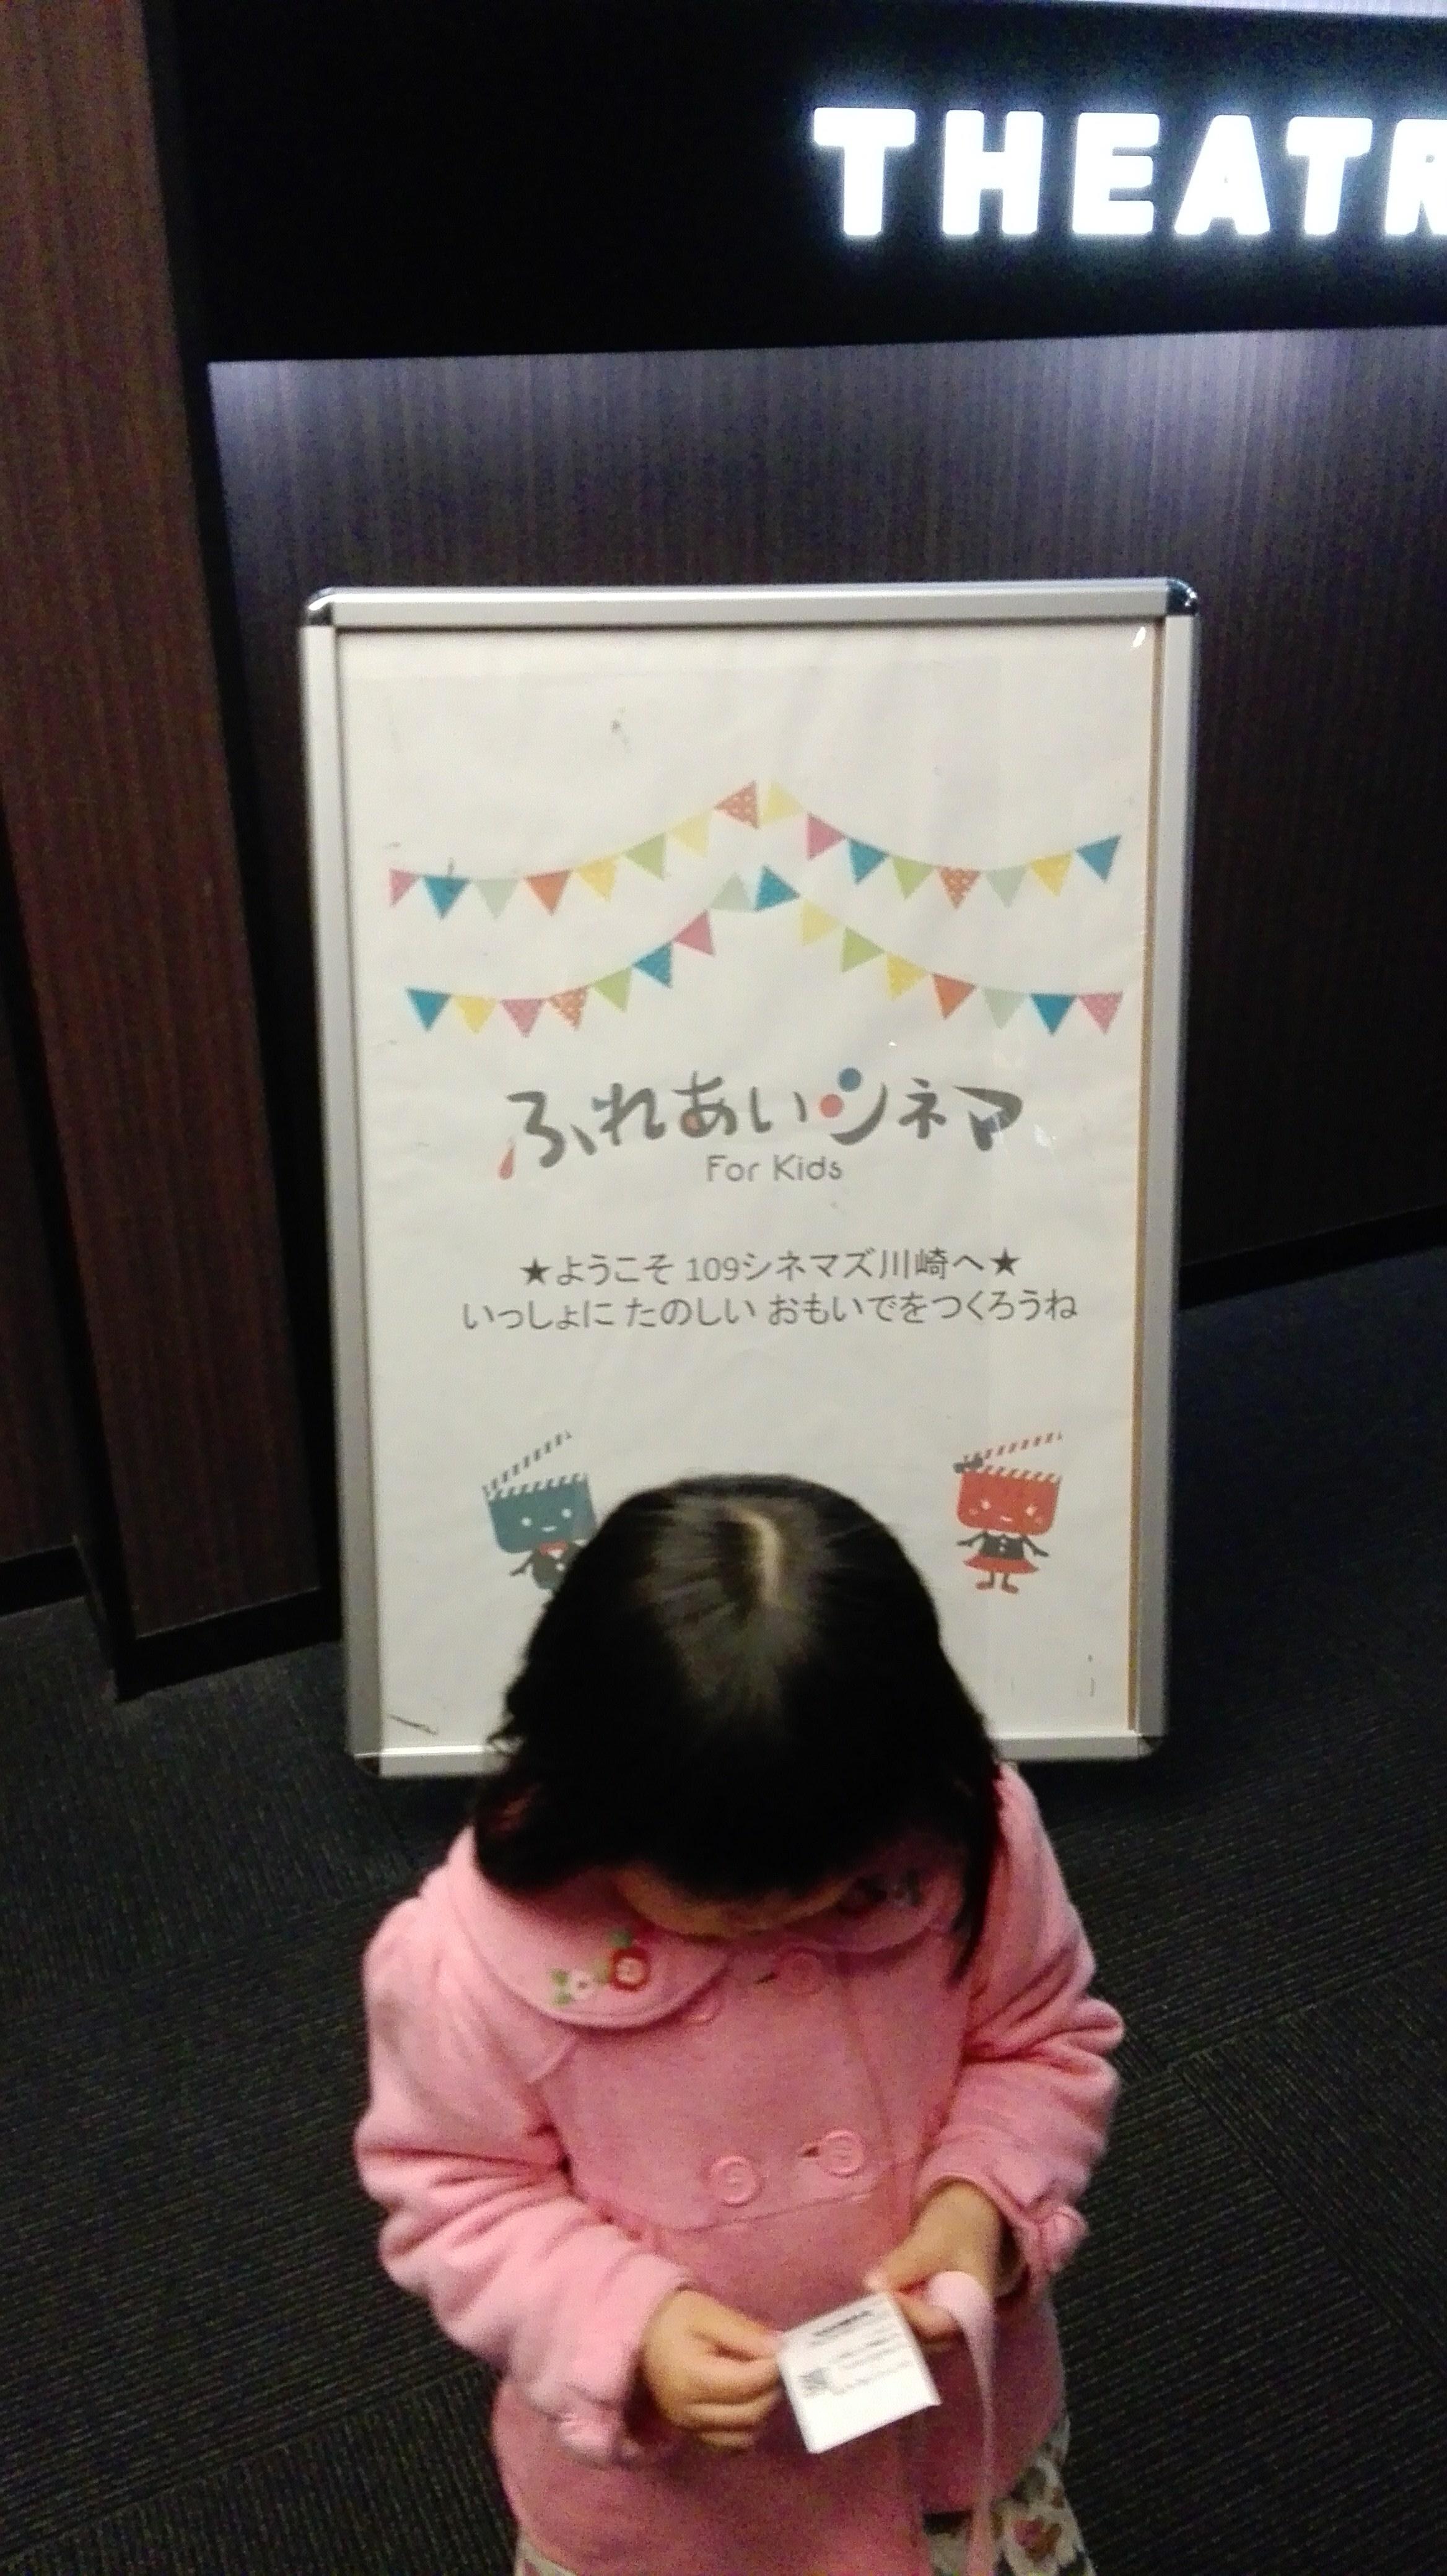 赤ちゃんに映画観賞はオススメできる?子連れOK&2歳以下は料金不要の「ふれあいシネマ」で映画を見てきた@神奈川 川崎ラゾーナ